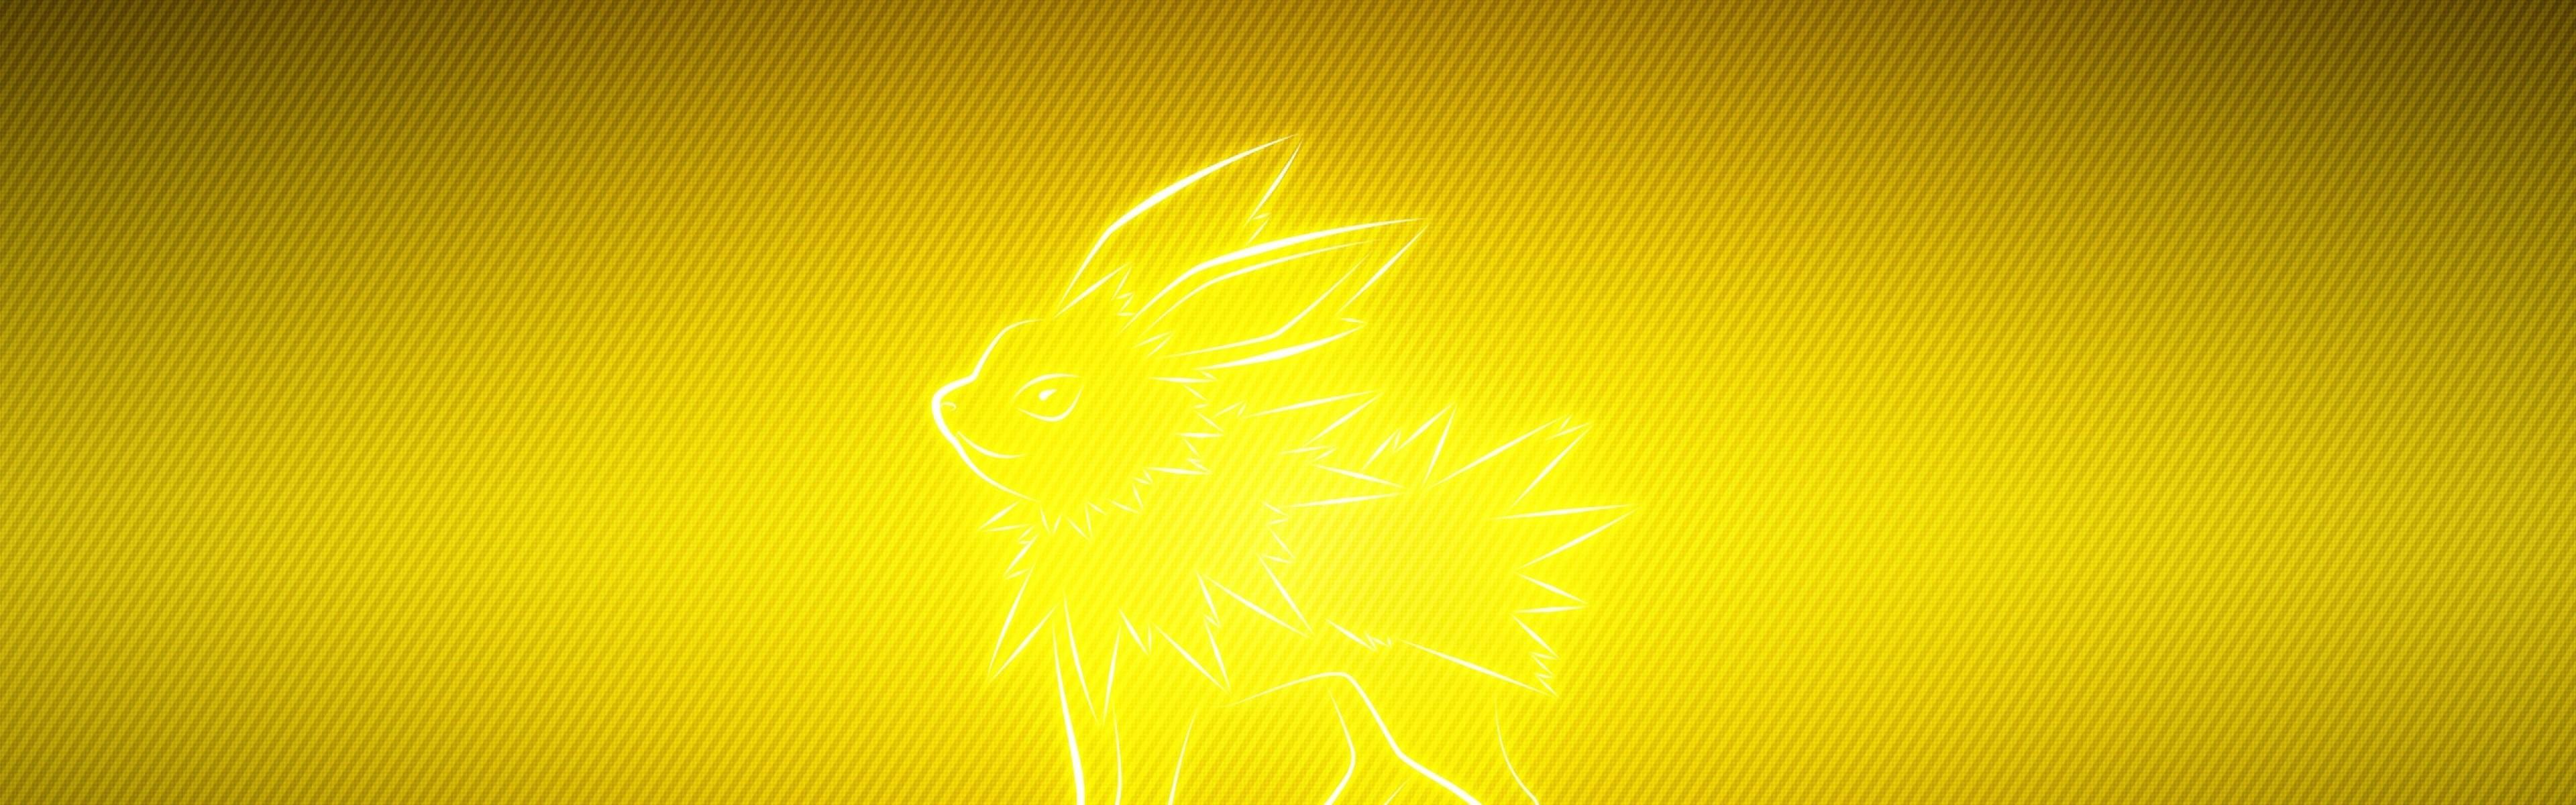 Wallpaper pokemon, yellow, black, jolteon